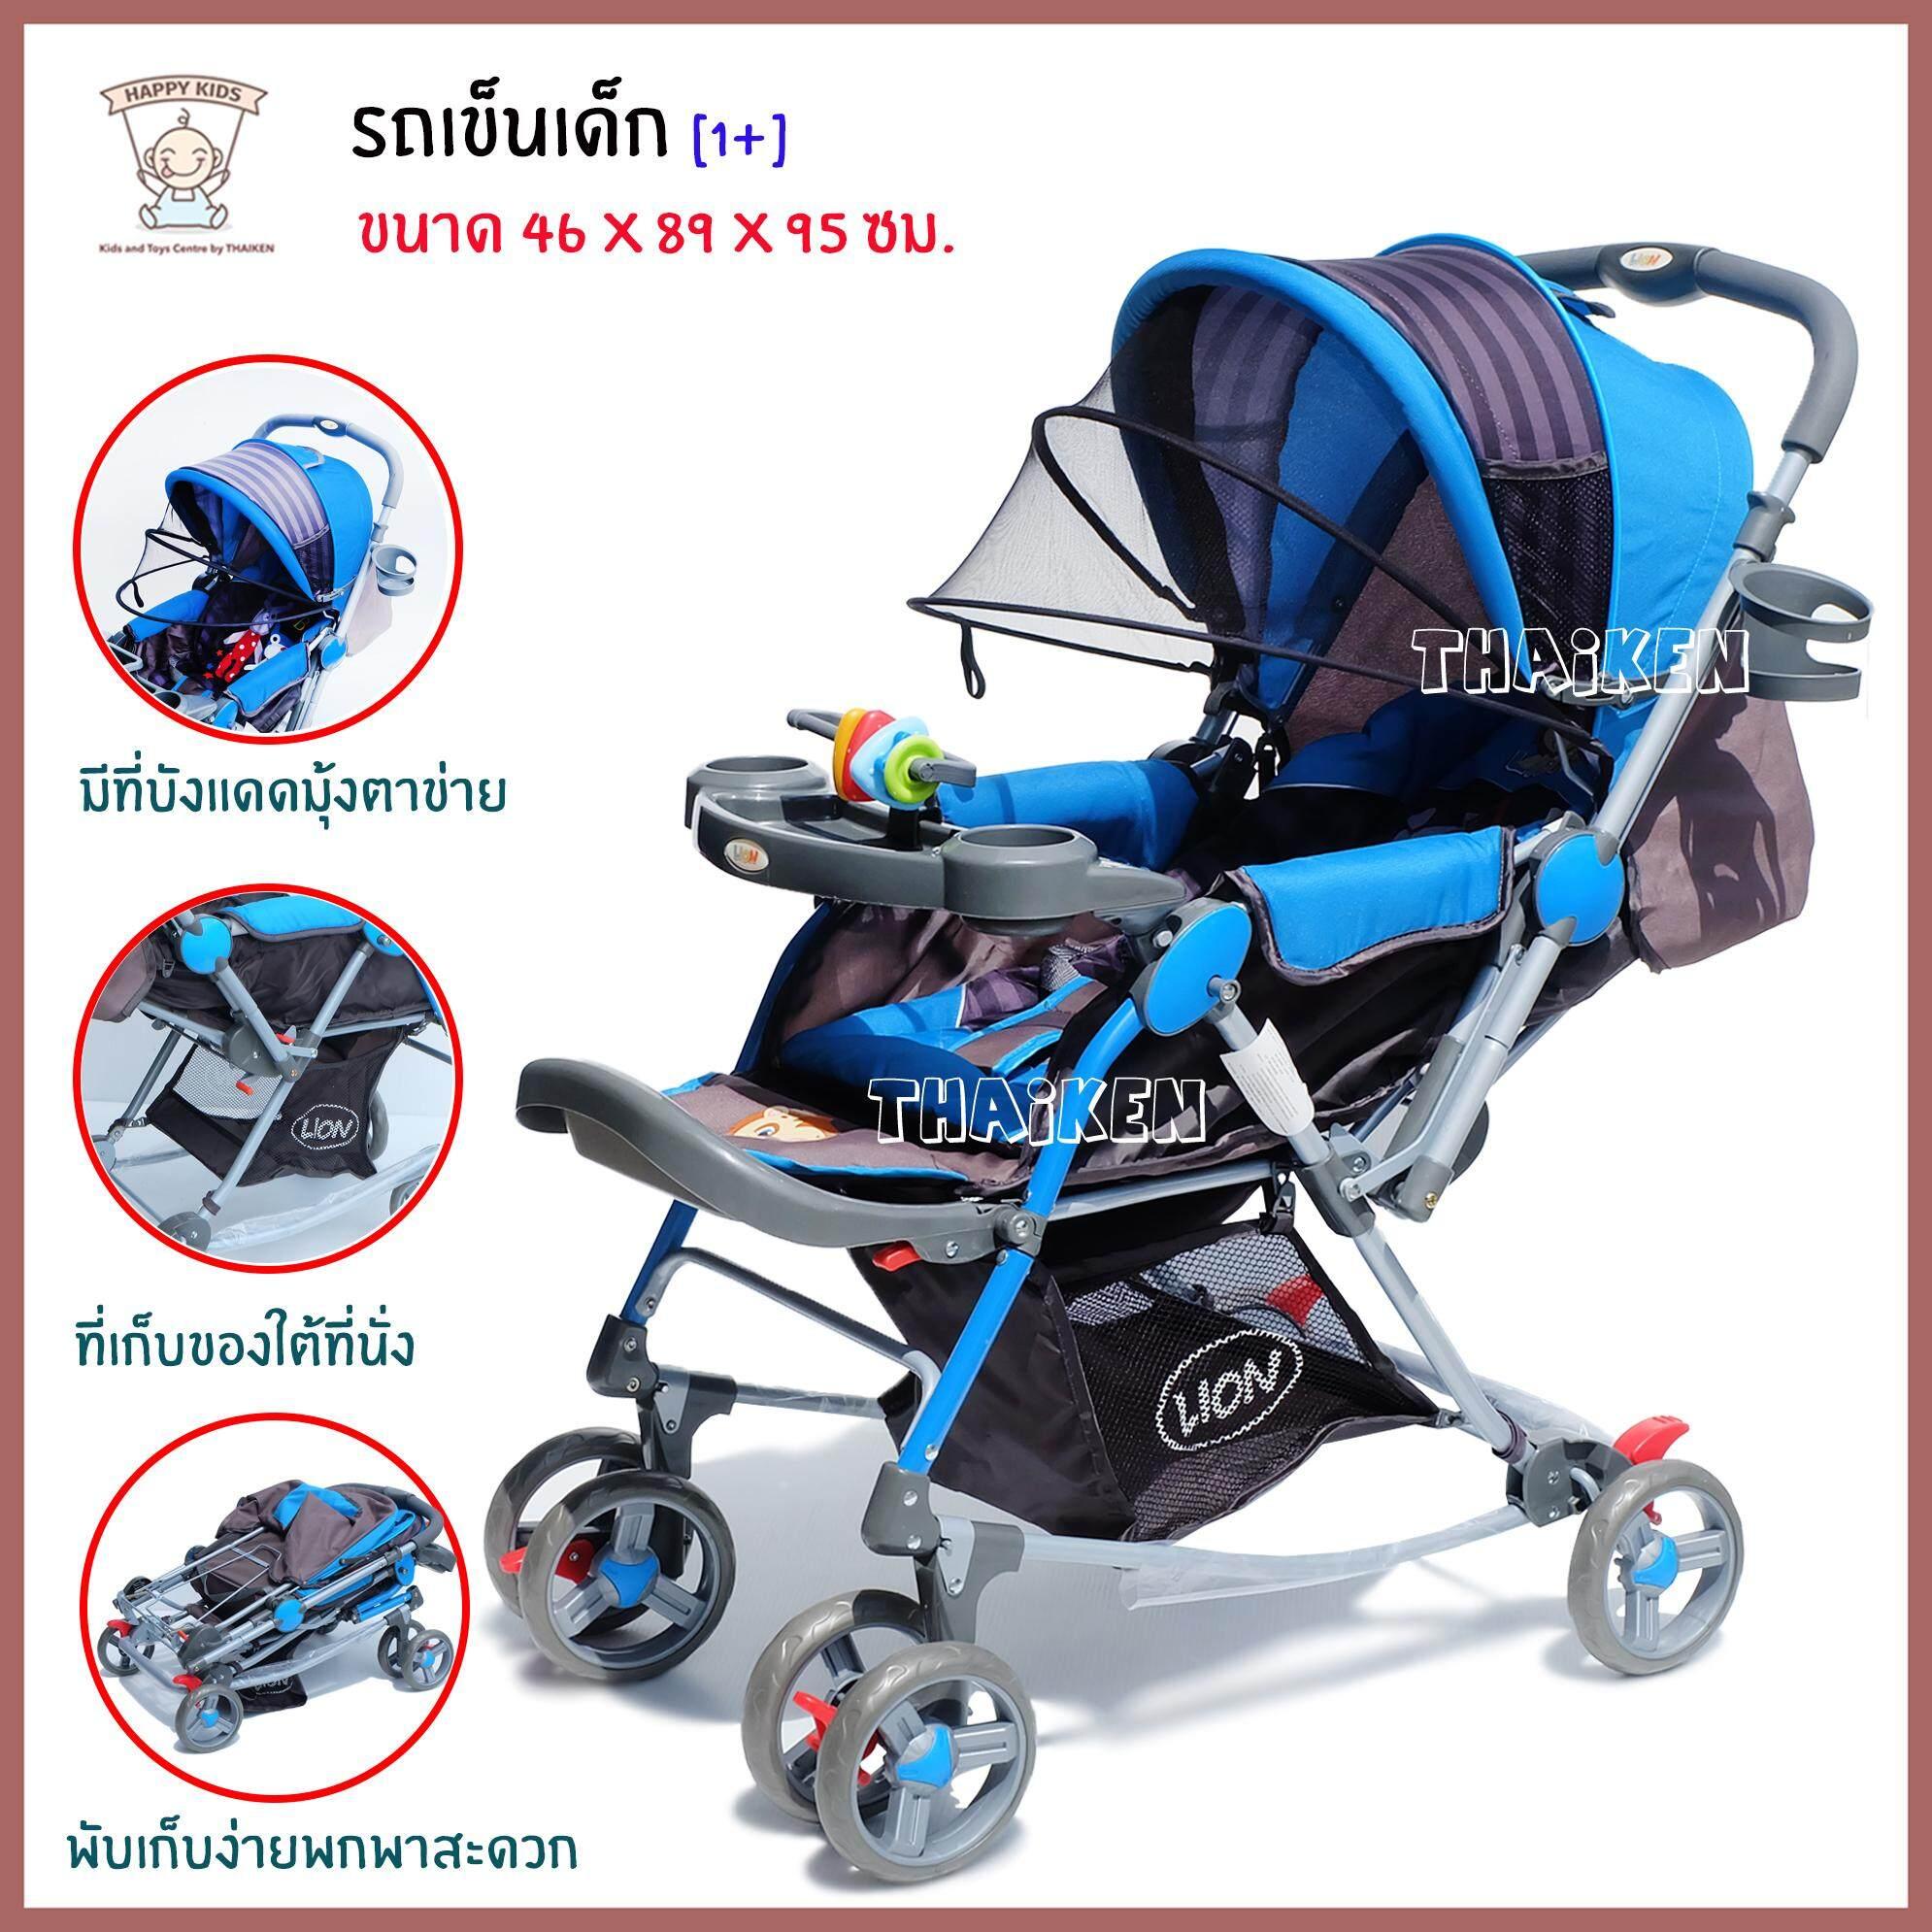 ซื้อที่ไหน Thaiken รถเข็นเด็กเล็ก 218 (สีฟ้า)